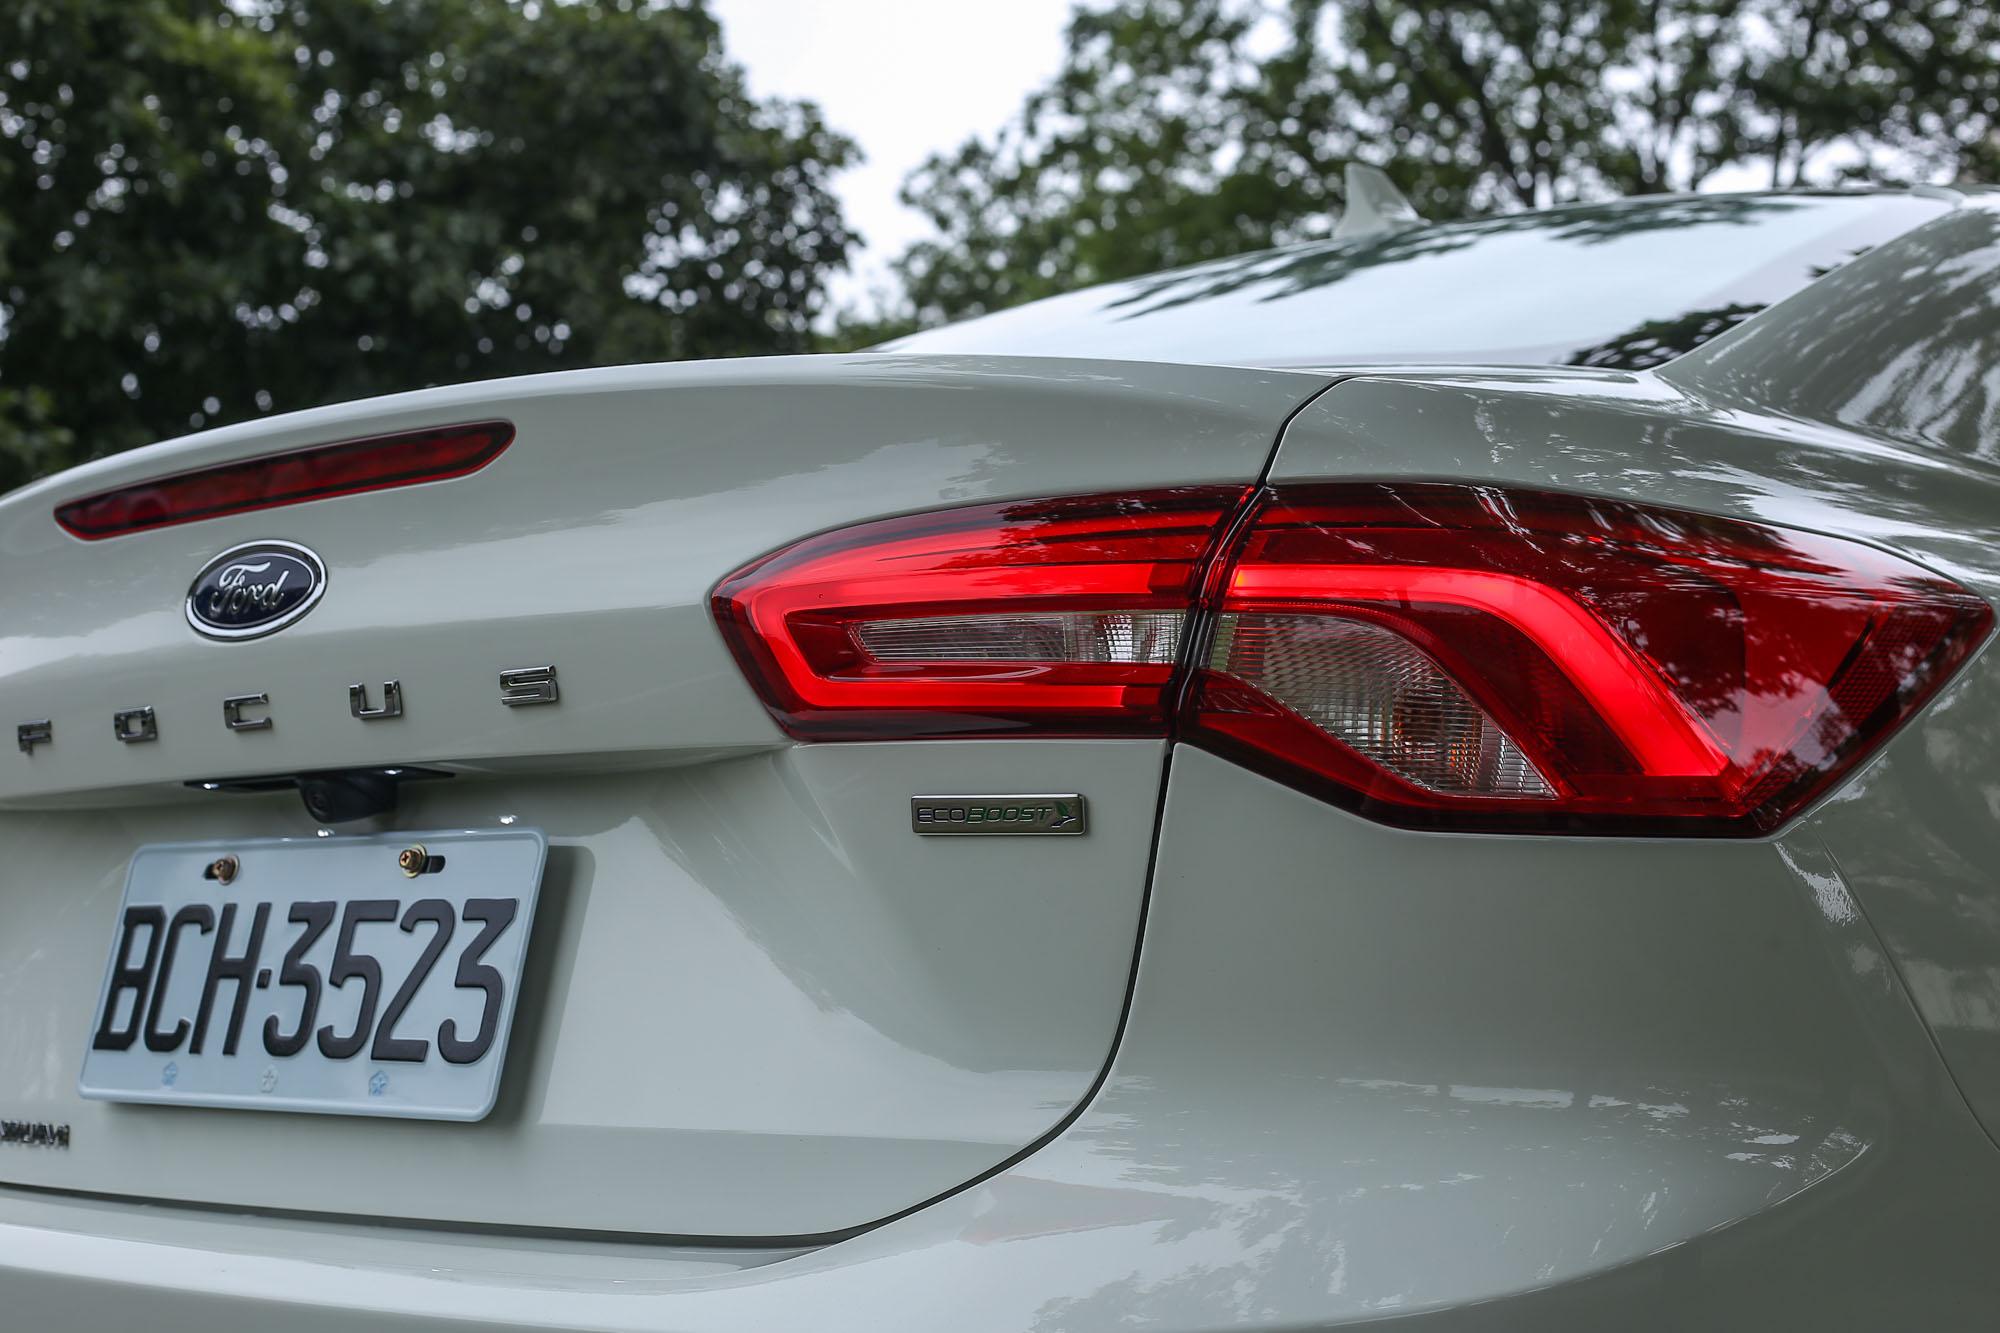 短翹上揚的車尾線條,讓四門車型也擁有不俗的運動氣息,與五門車款互別苗頭。